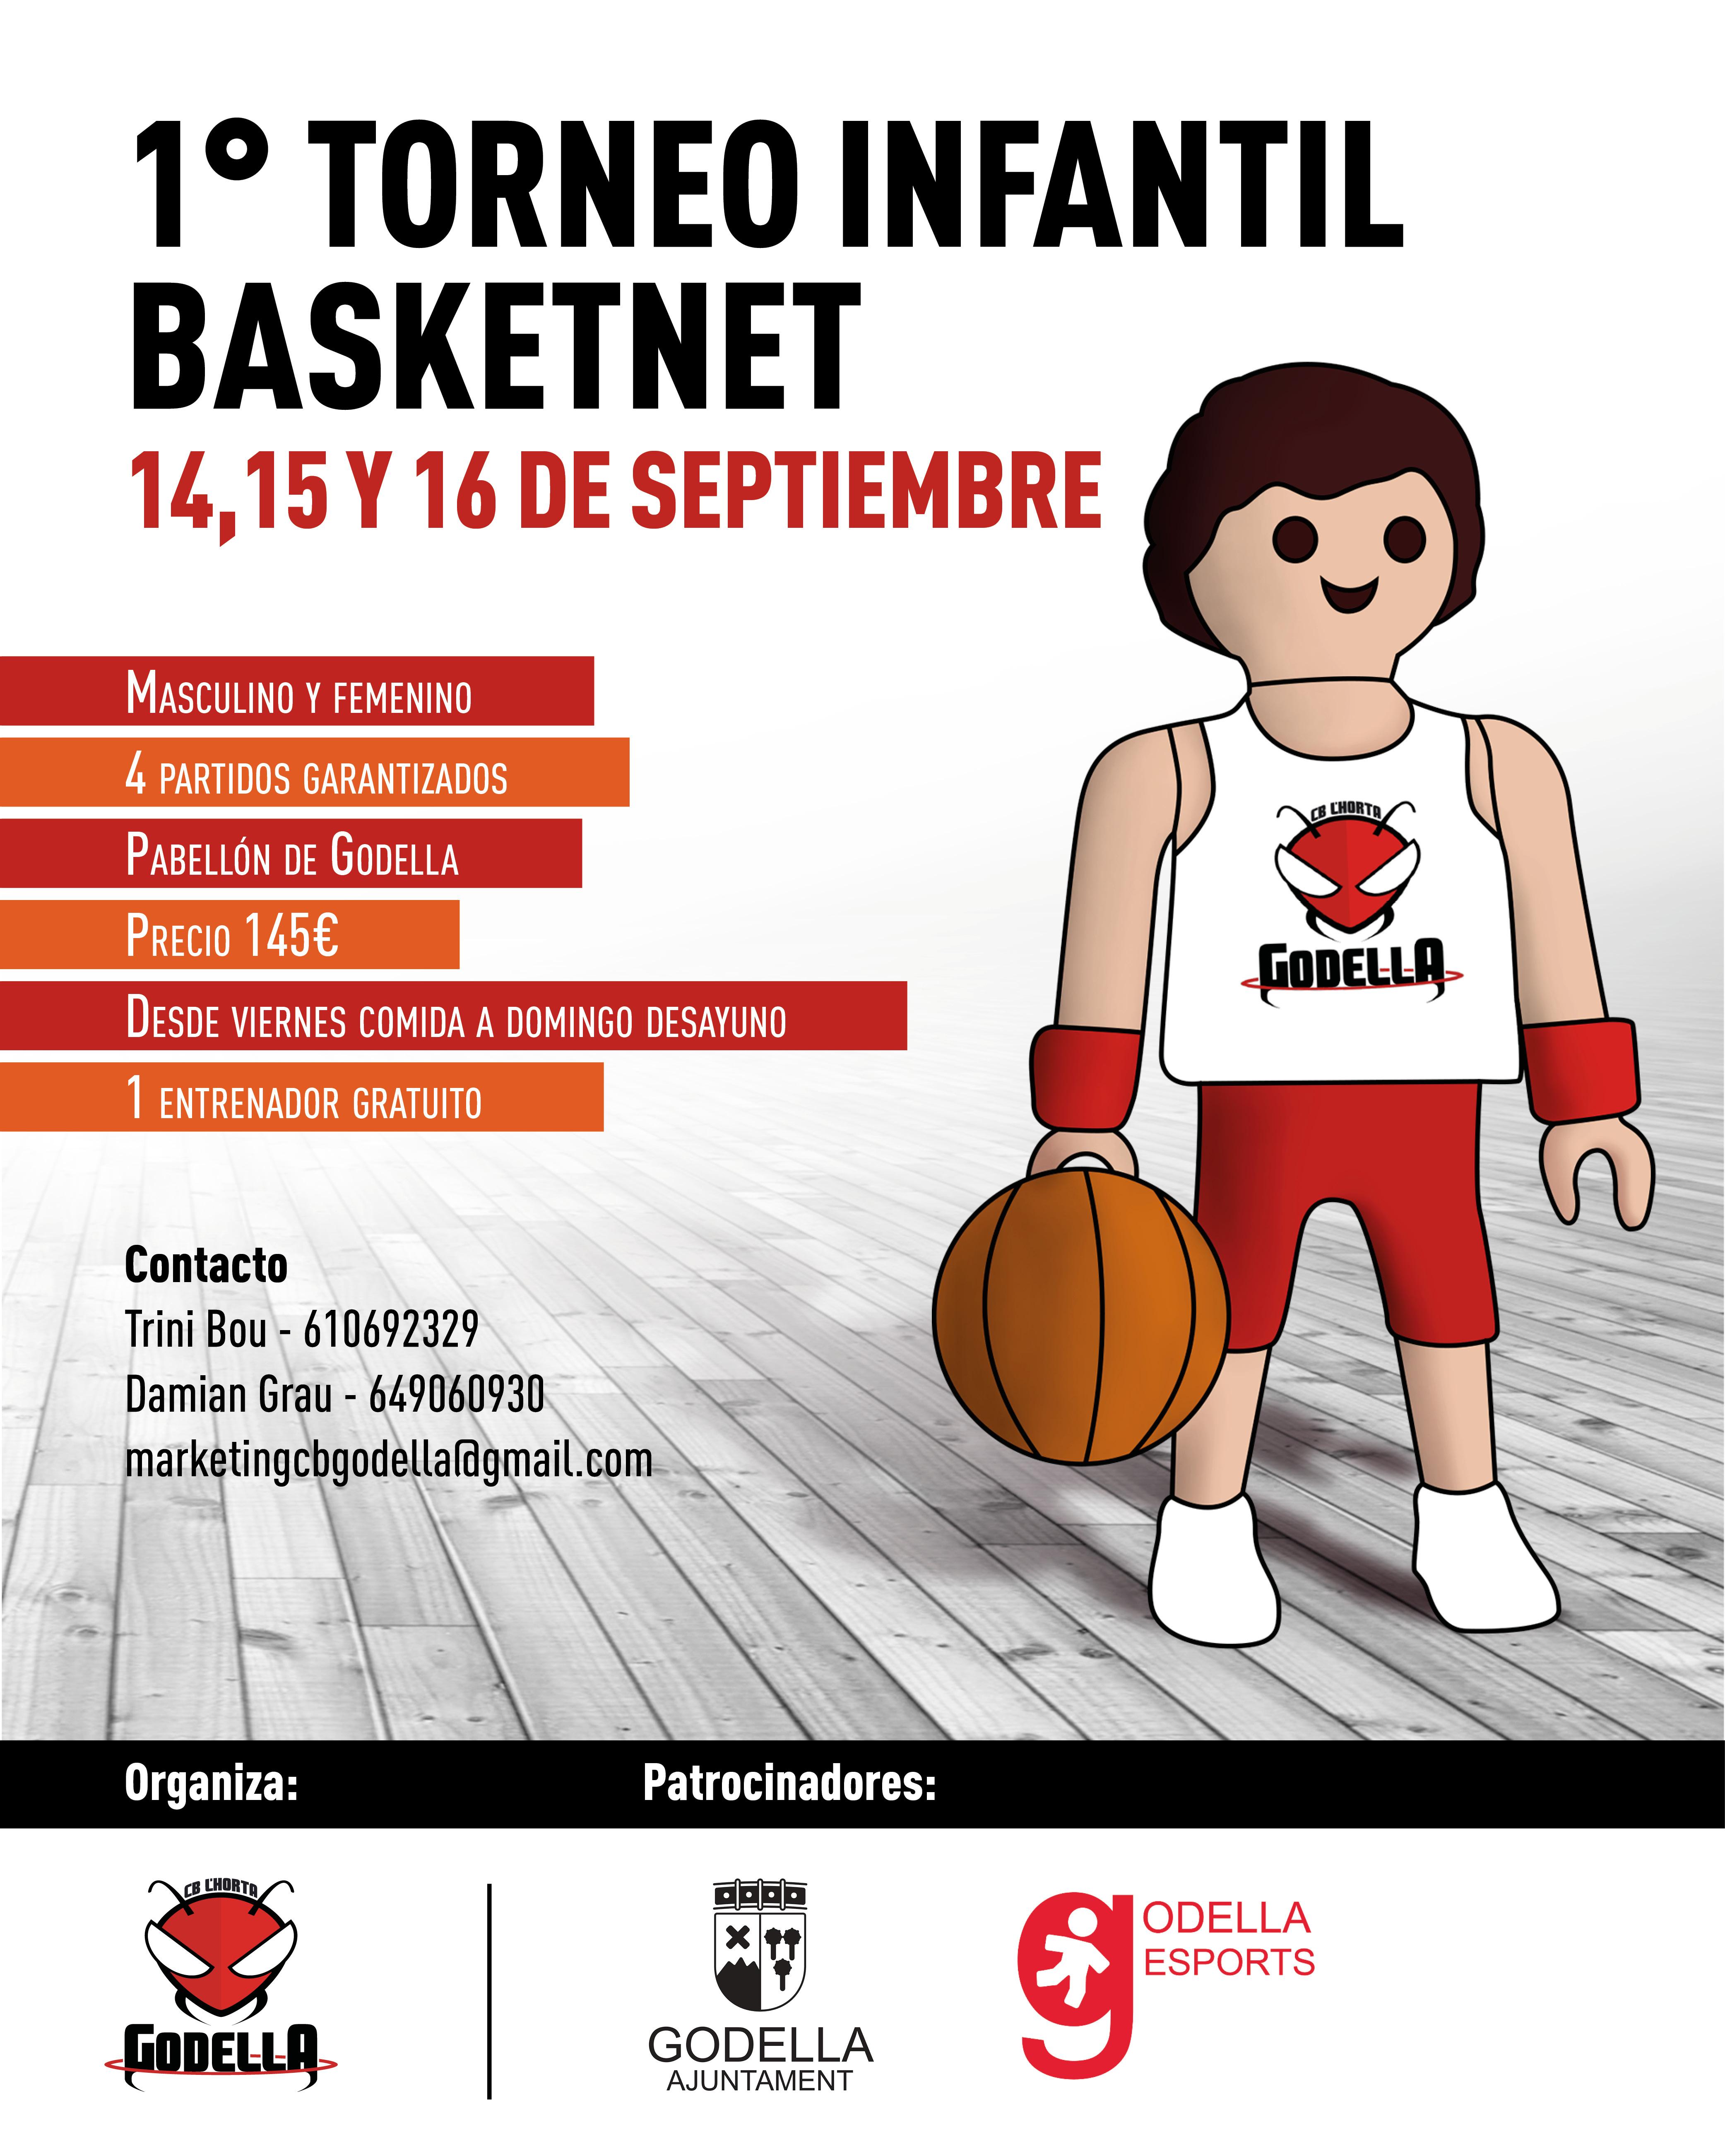 1r Torneo Infantil Basketnet